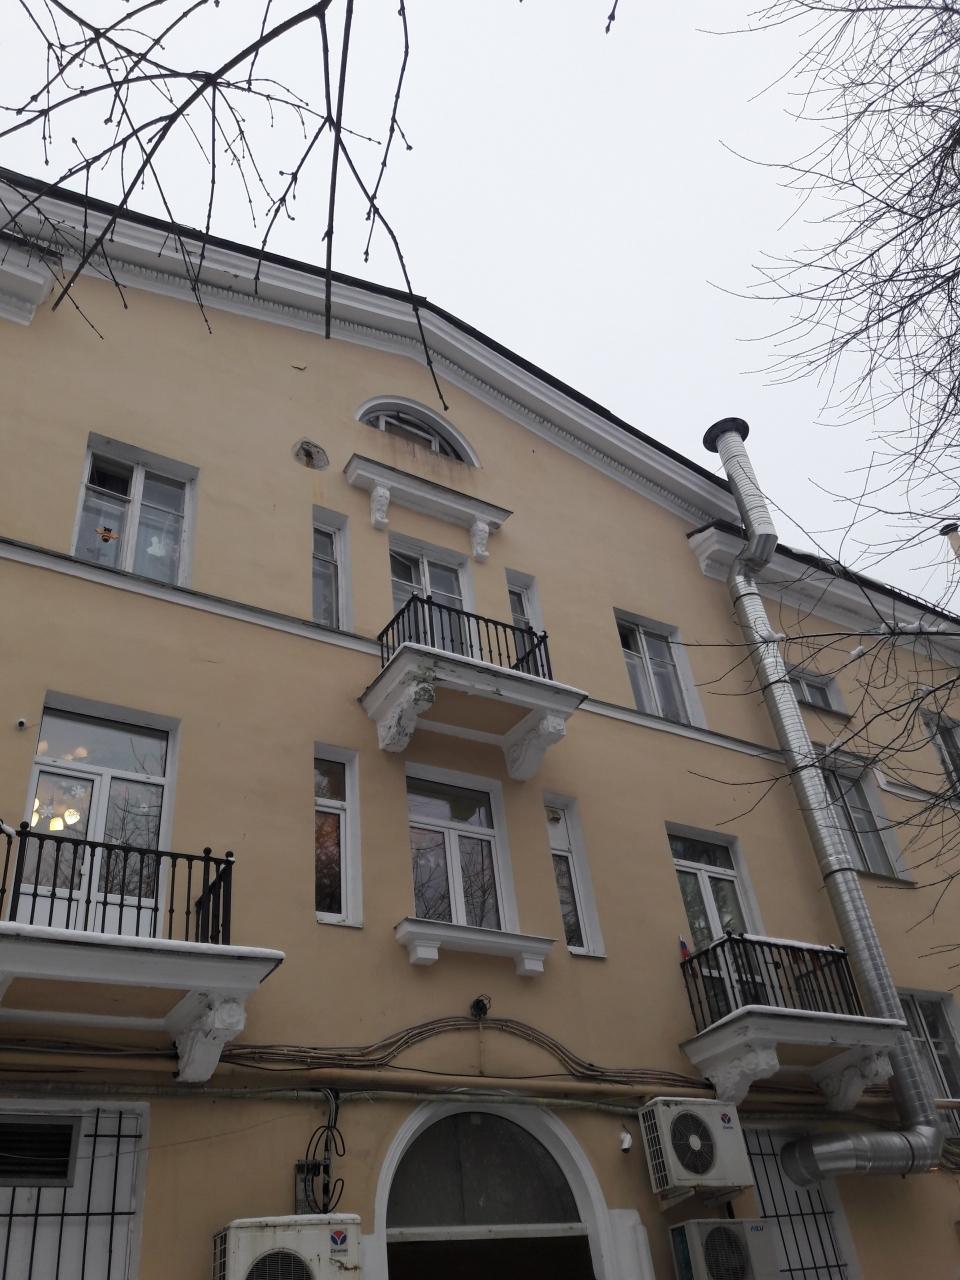 http://advocat-n.pro.bkn.ru/images/s_big/5a53ff3b-fb7d-11e7-b300-448a5bd44c07.jpg